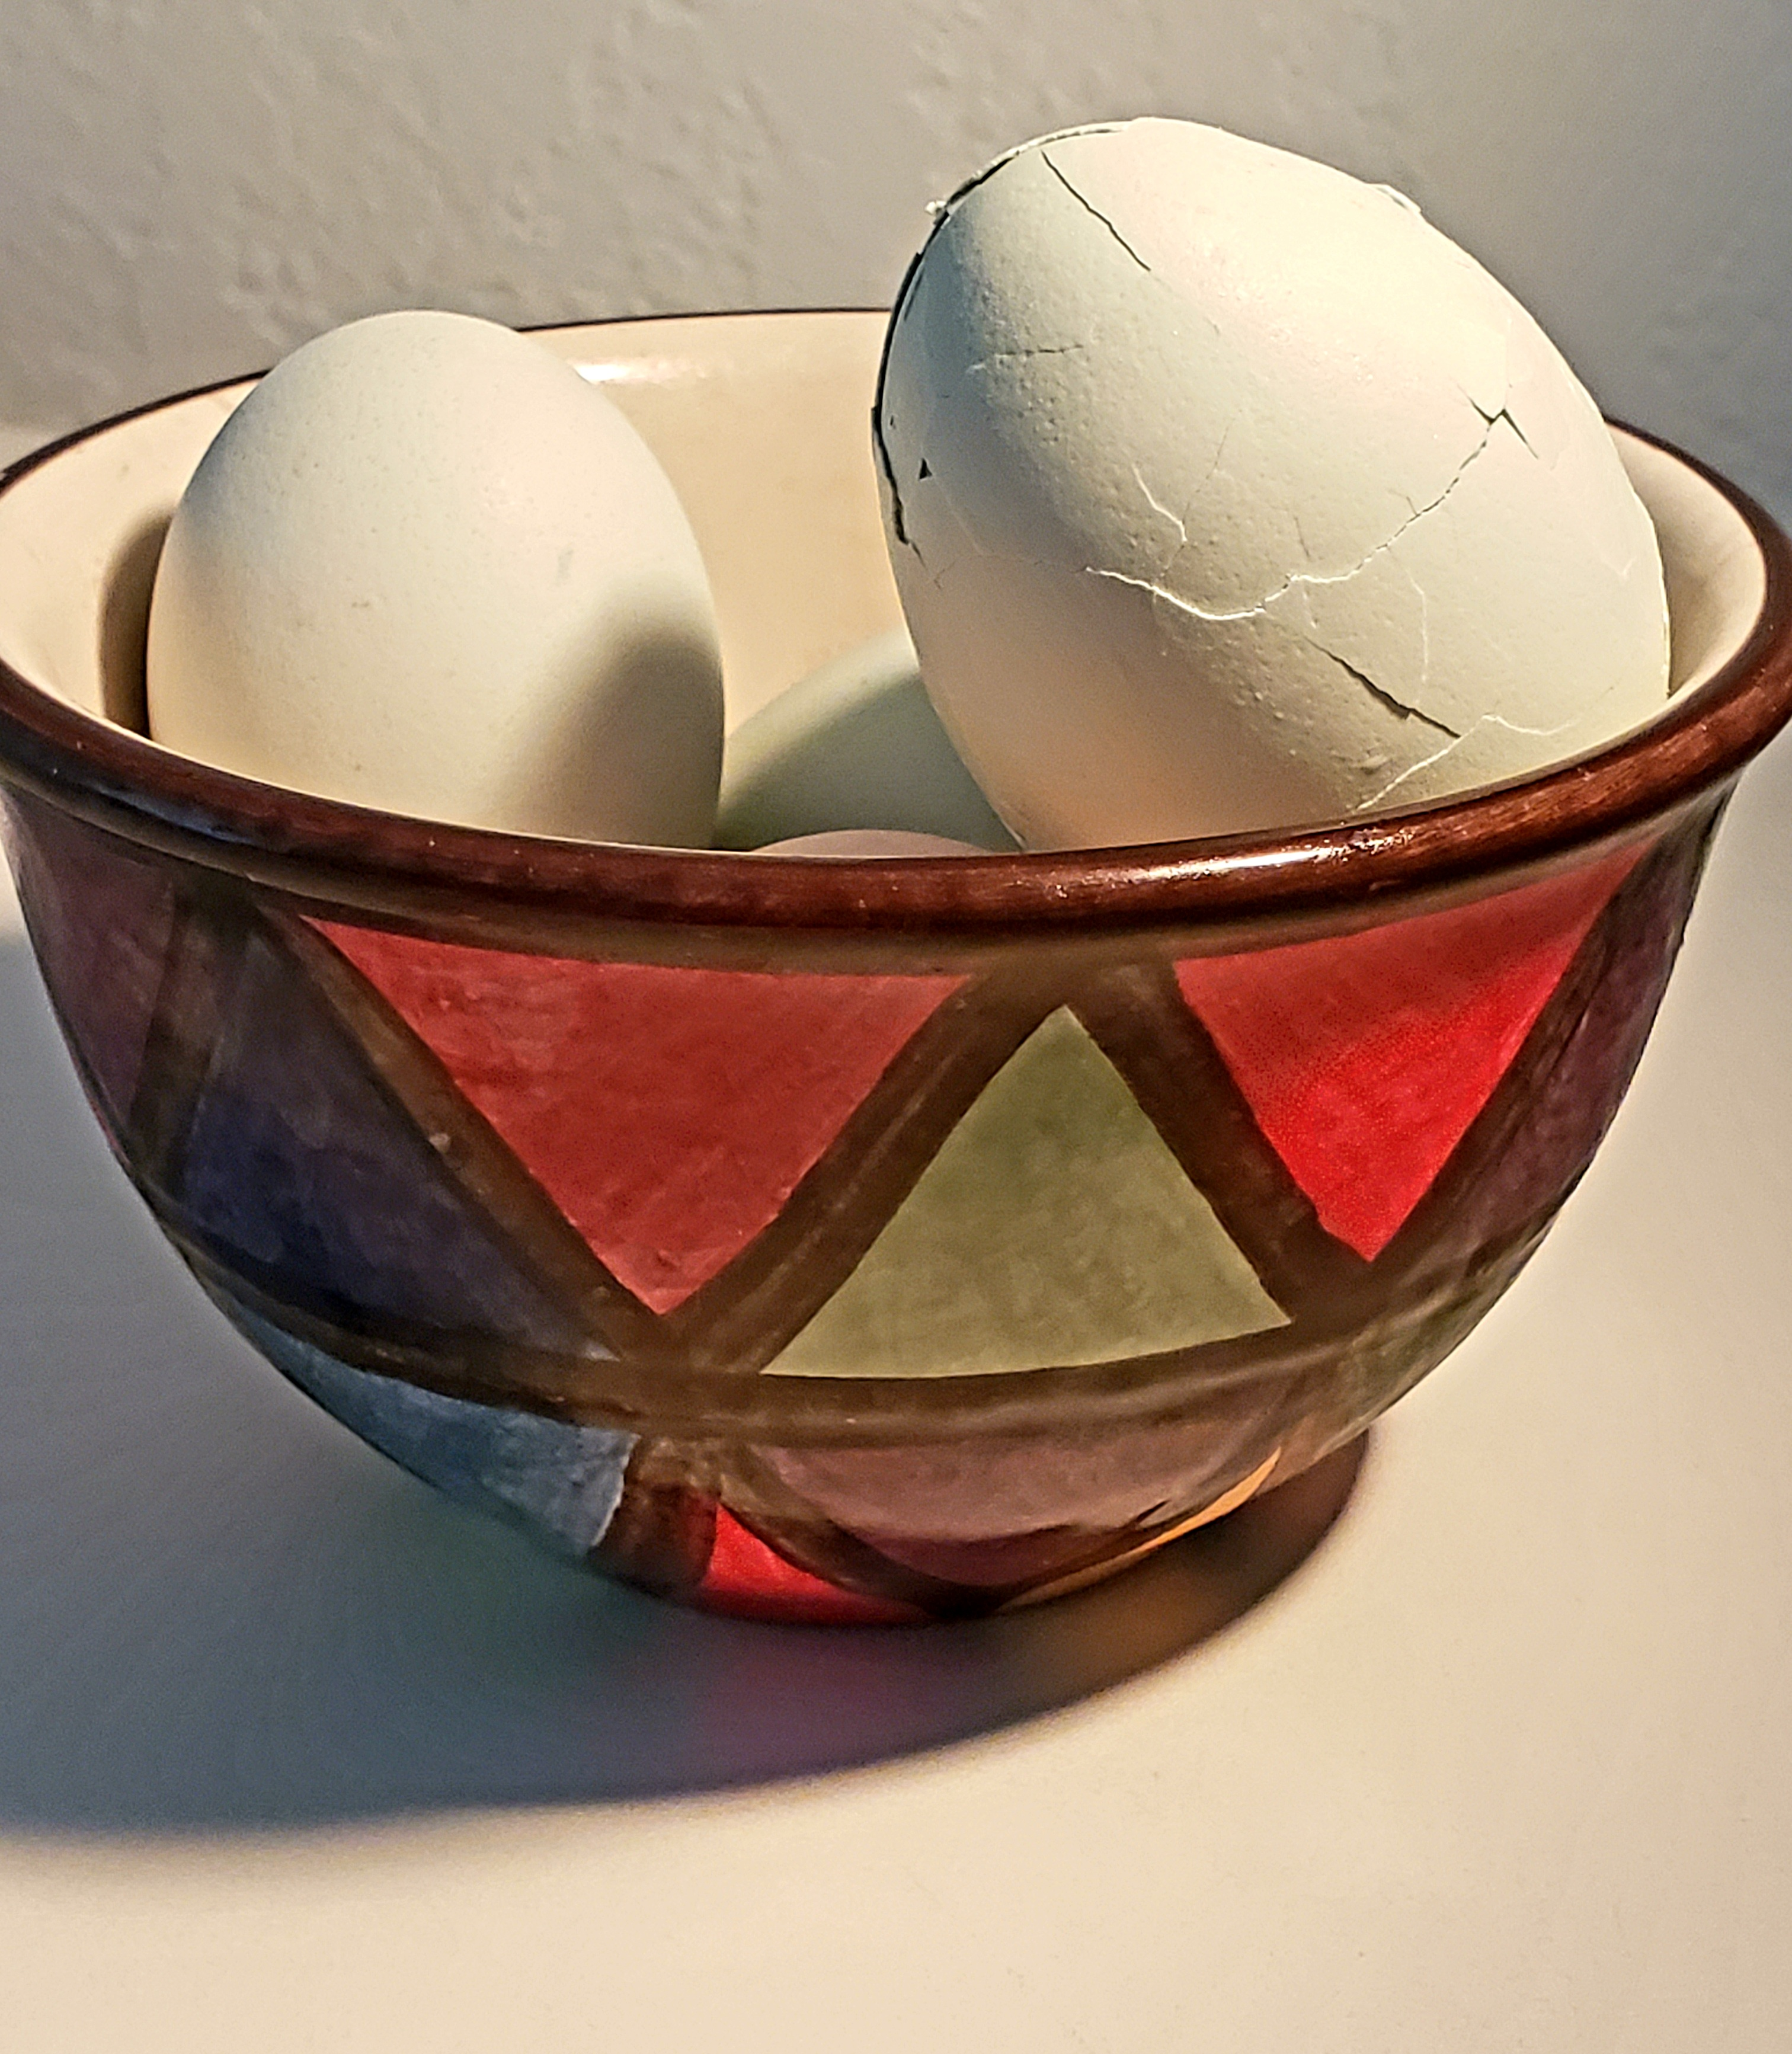 Granny's Deviled Eggs